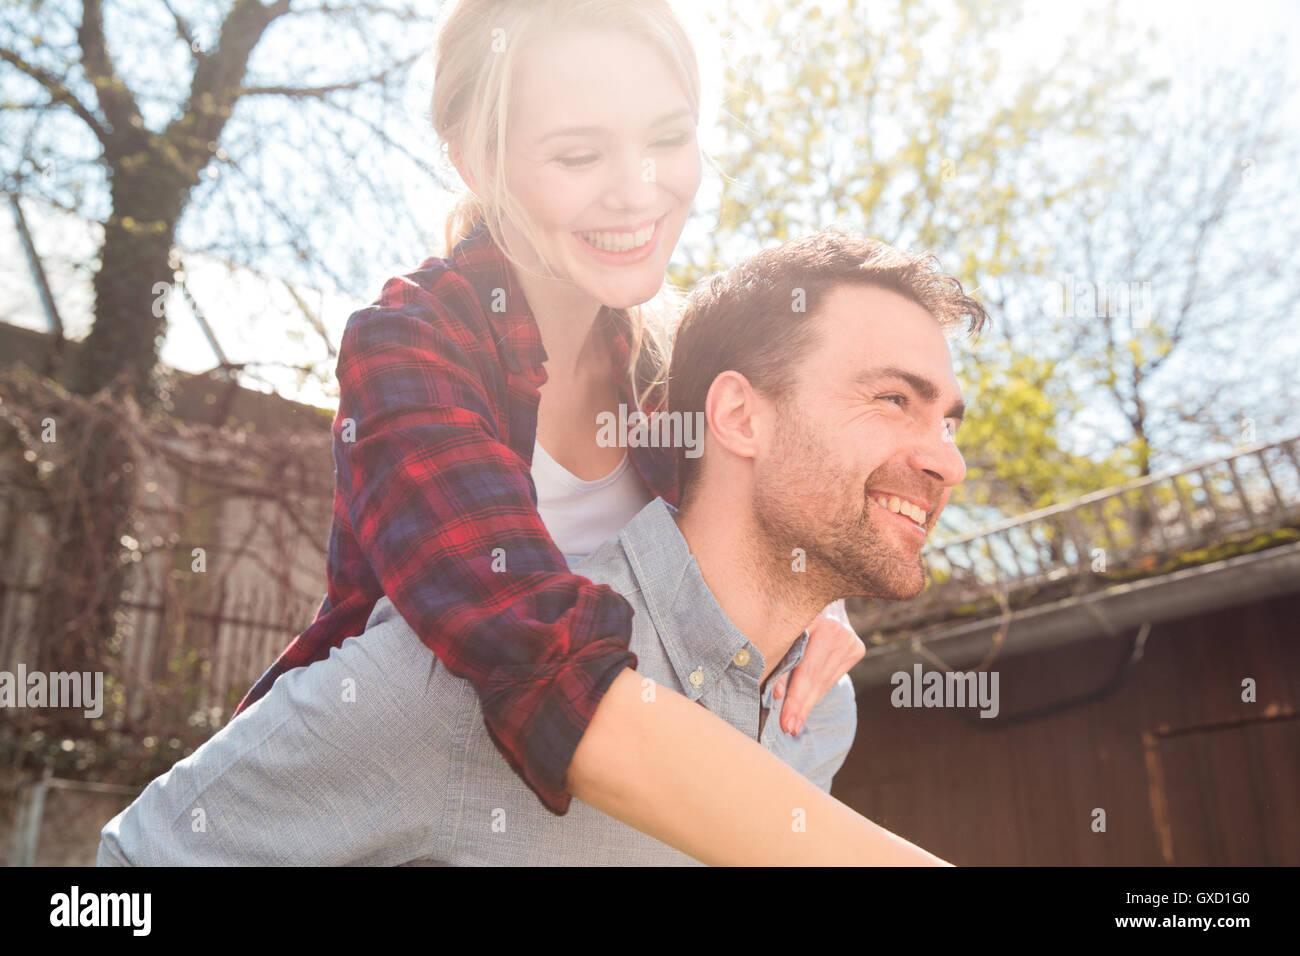 Man giving woman piggyback smiling - Stock Image